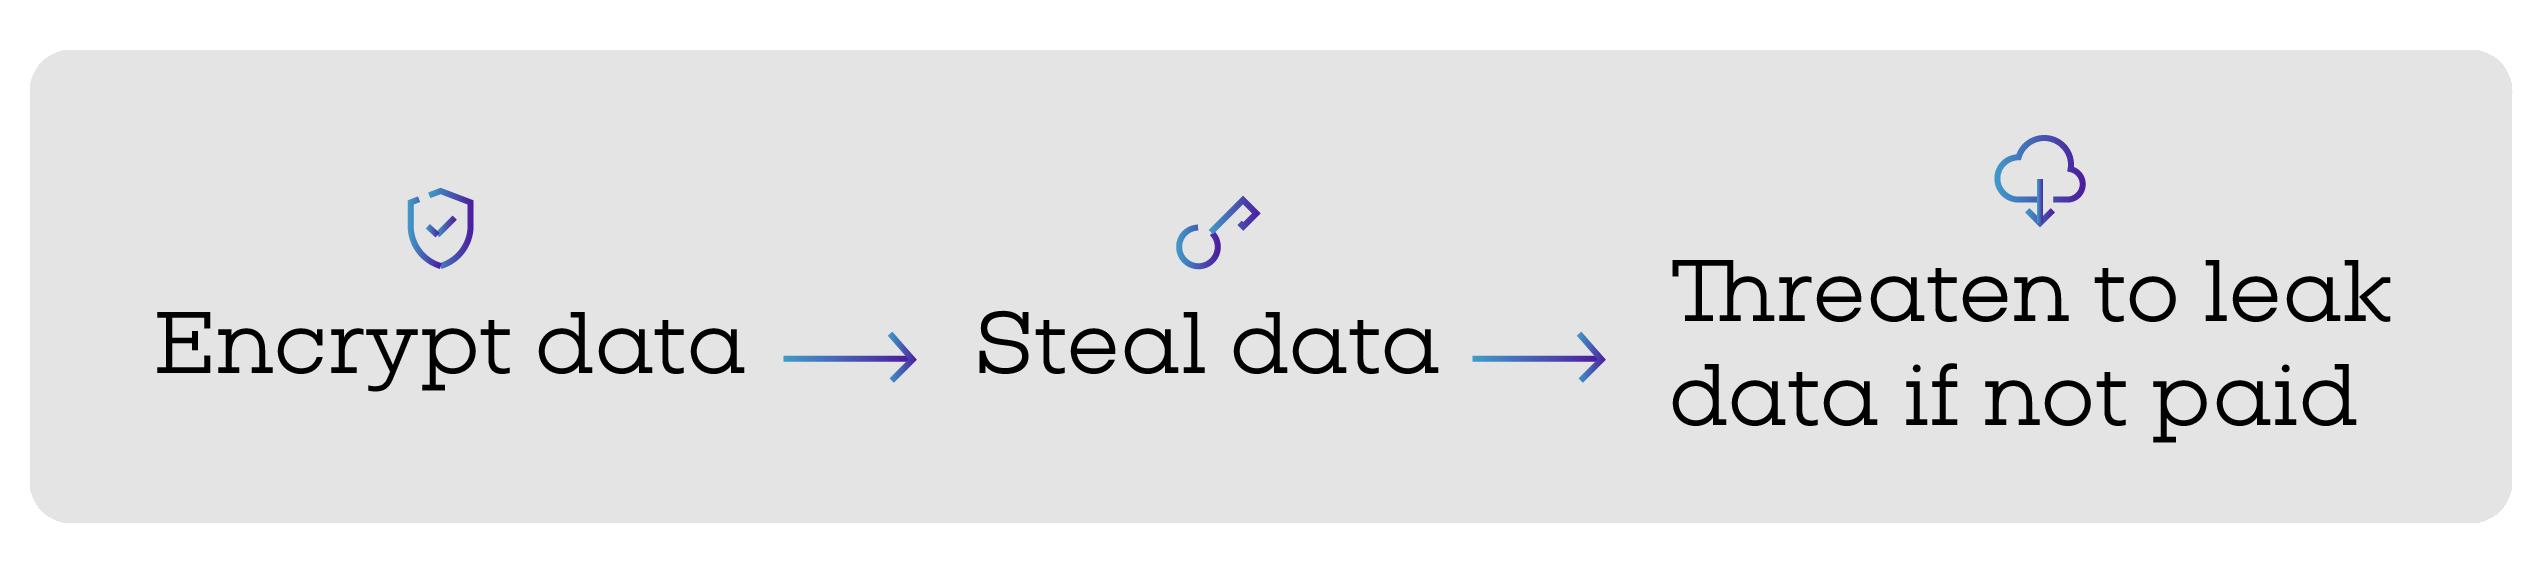 Encrypt PHI data - steal data - leak data